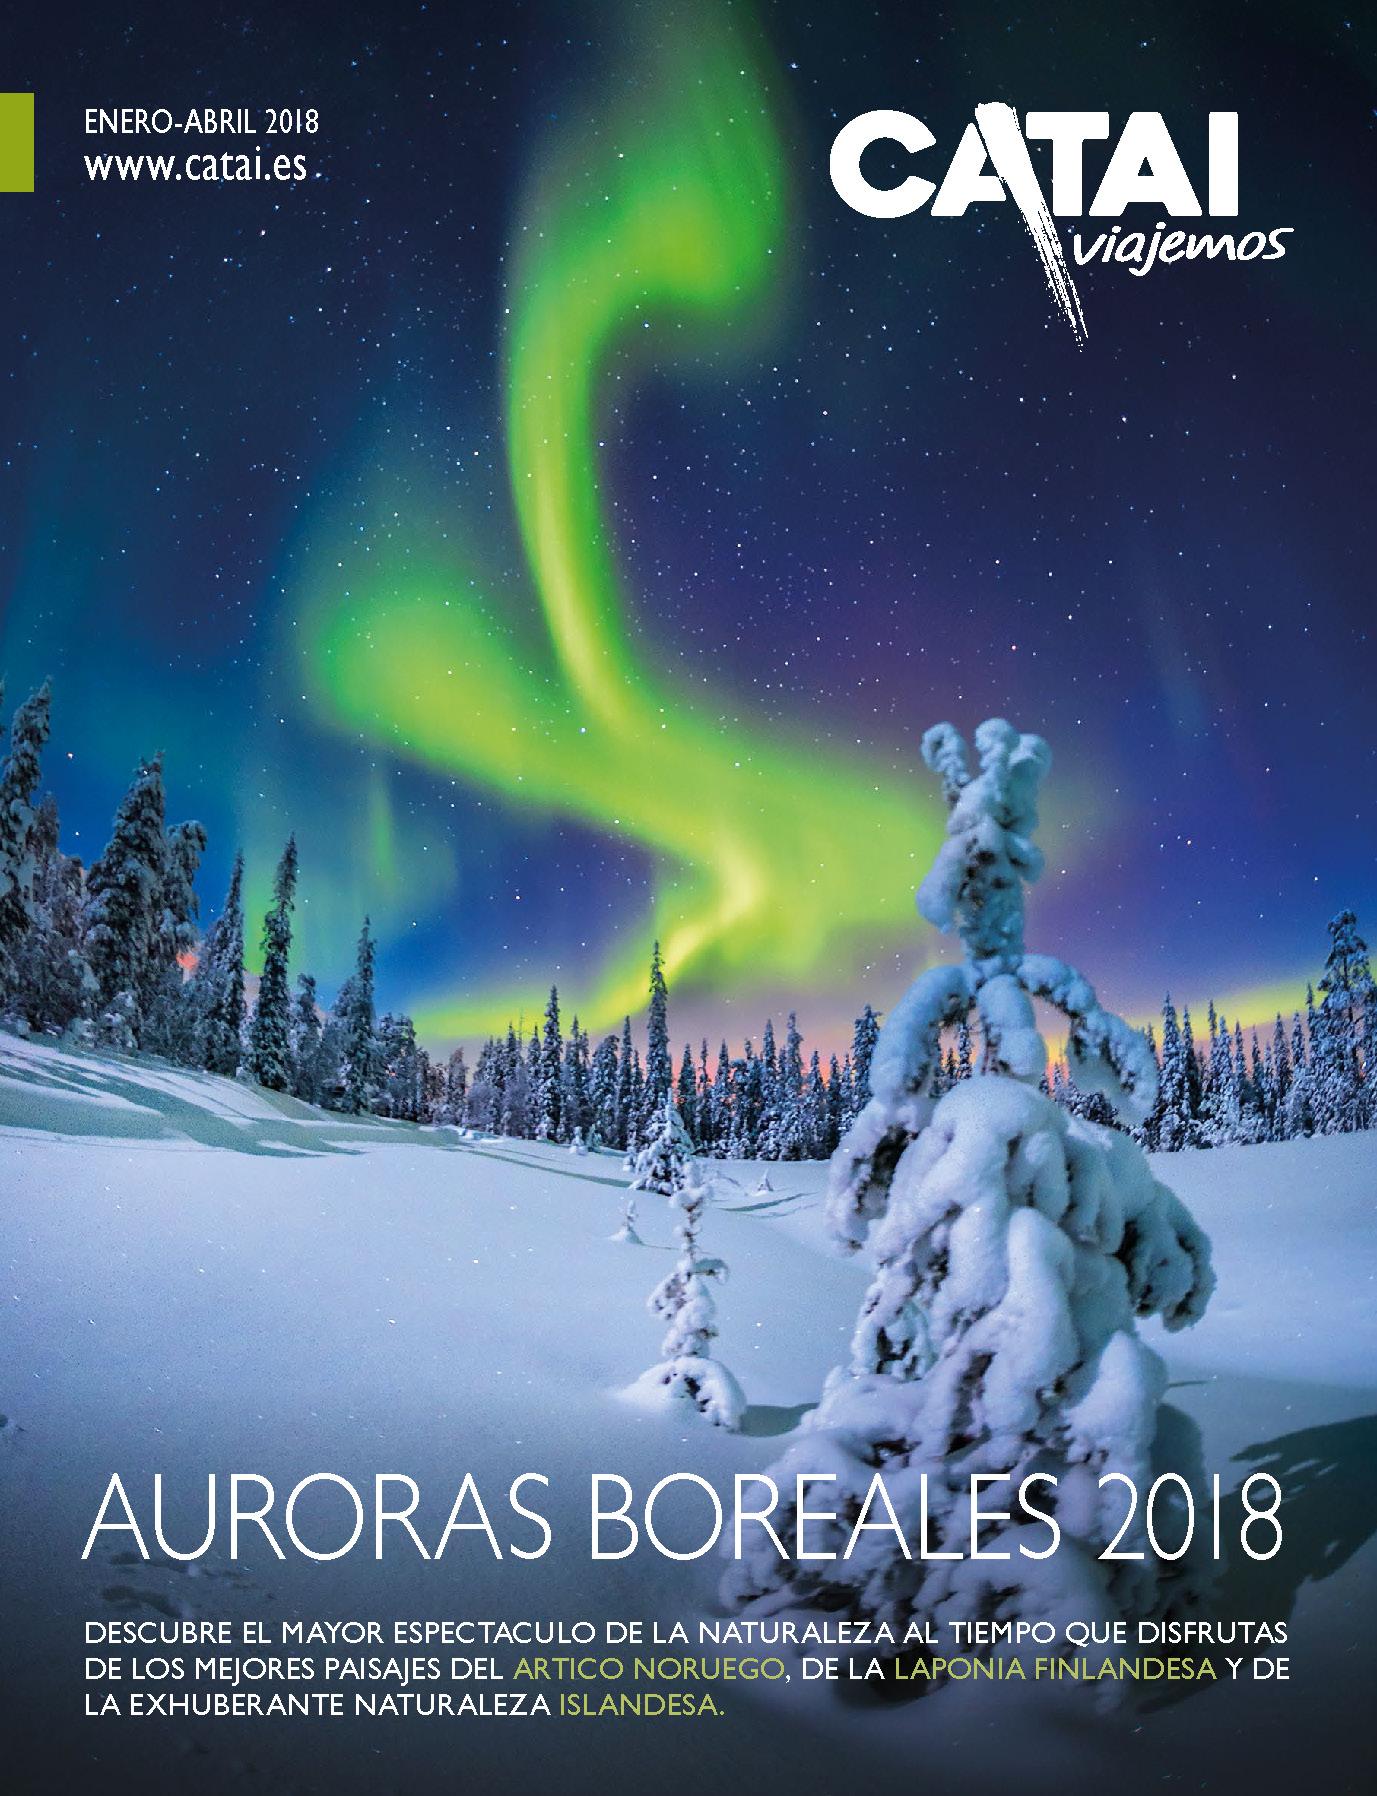 Catalogo Catai Auroras Boreales 2018